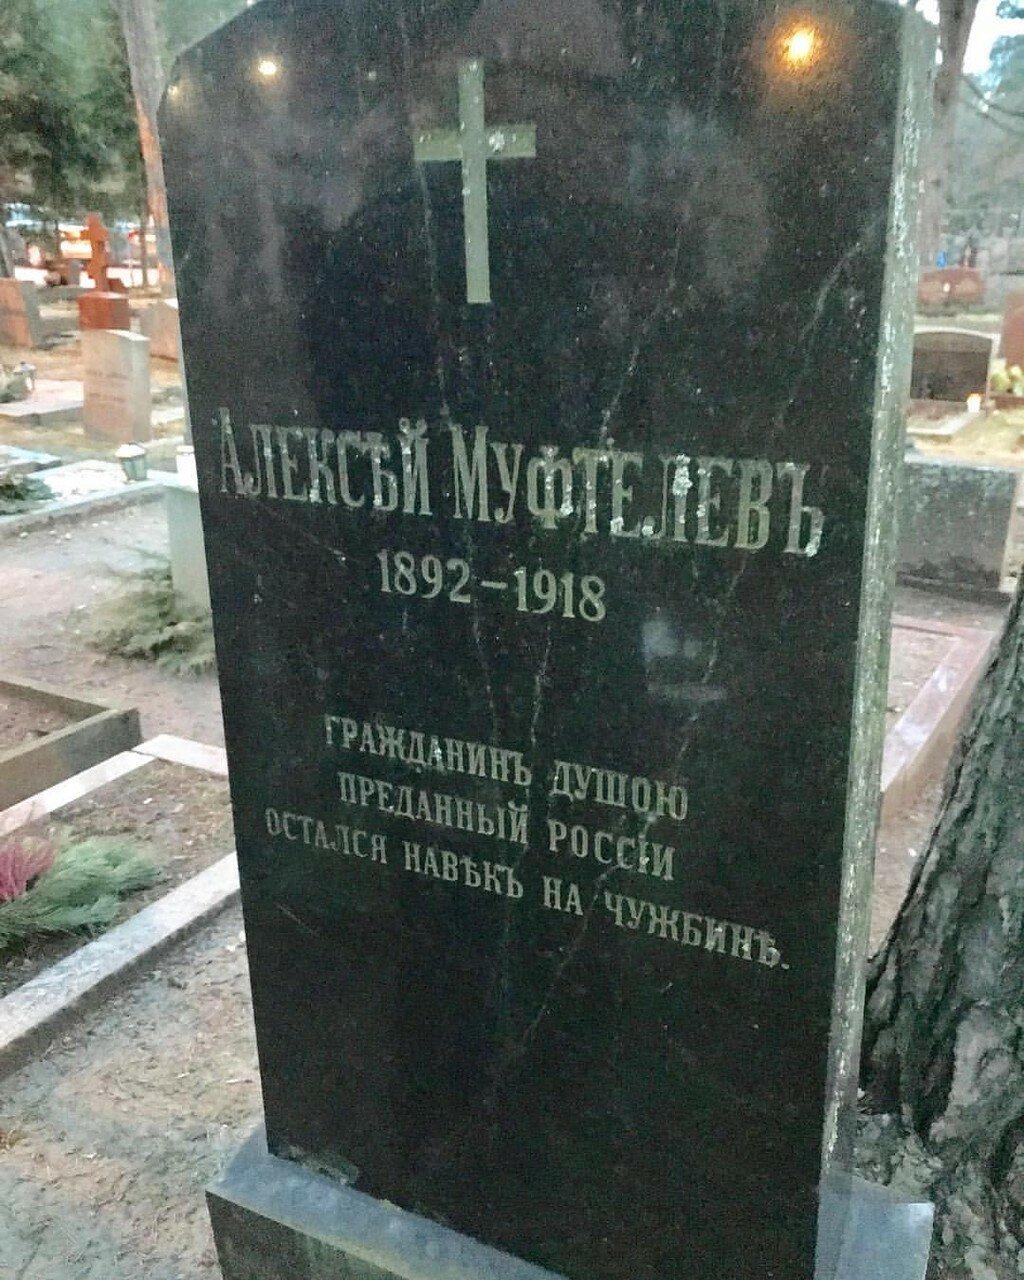 Хельсинки, кладбище